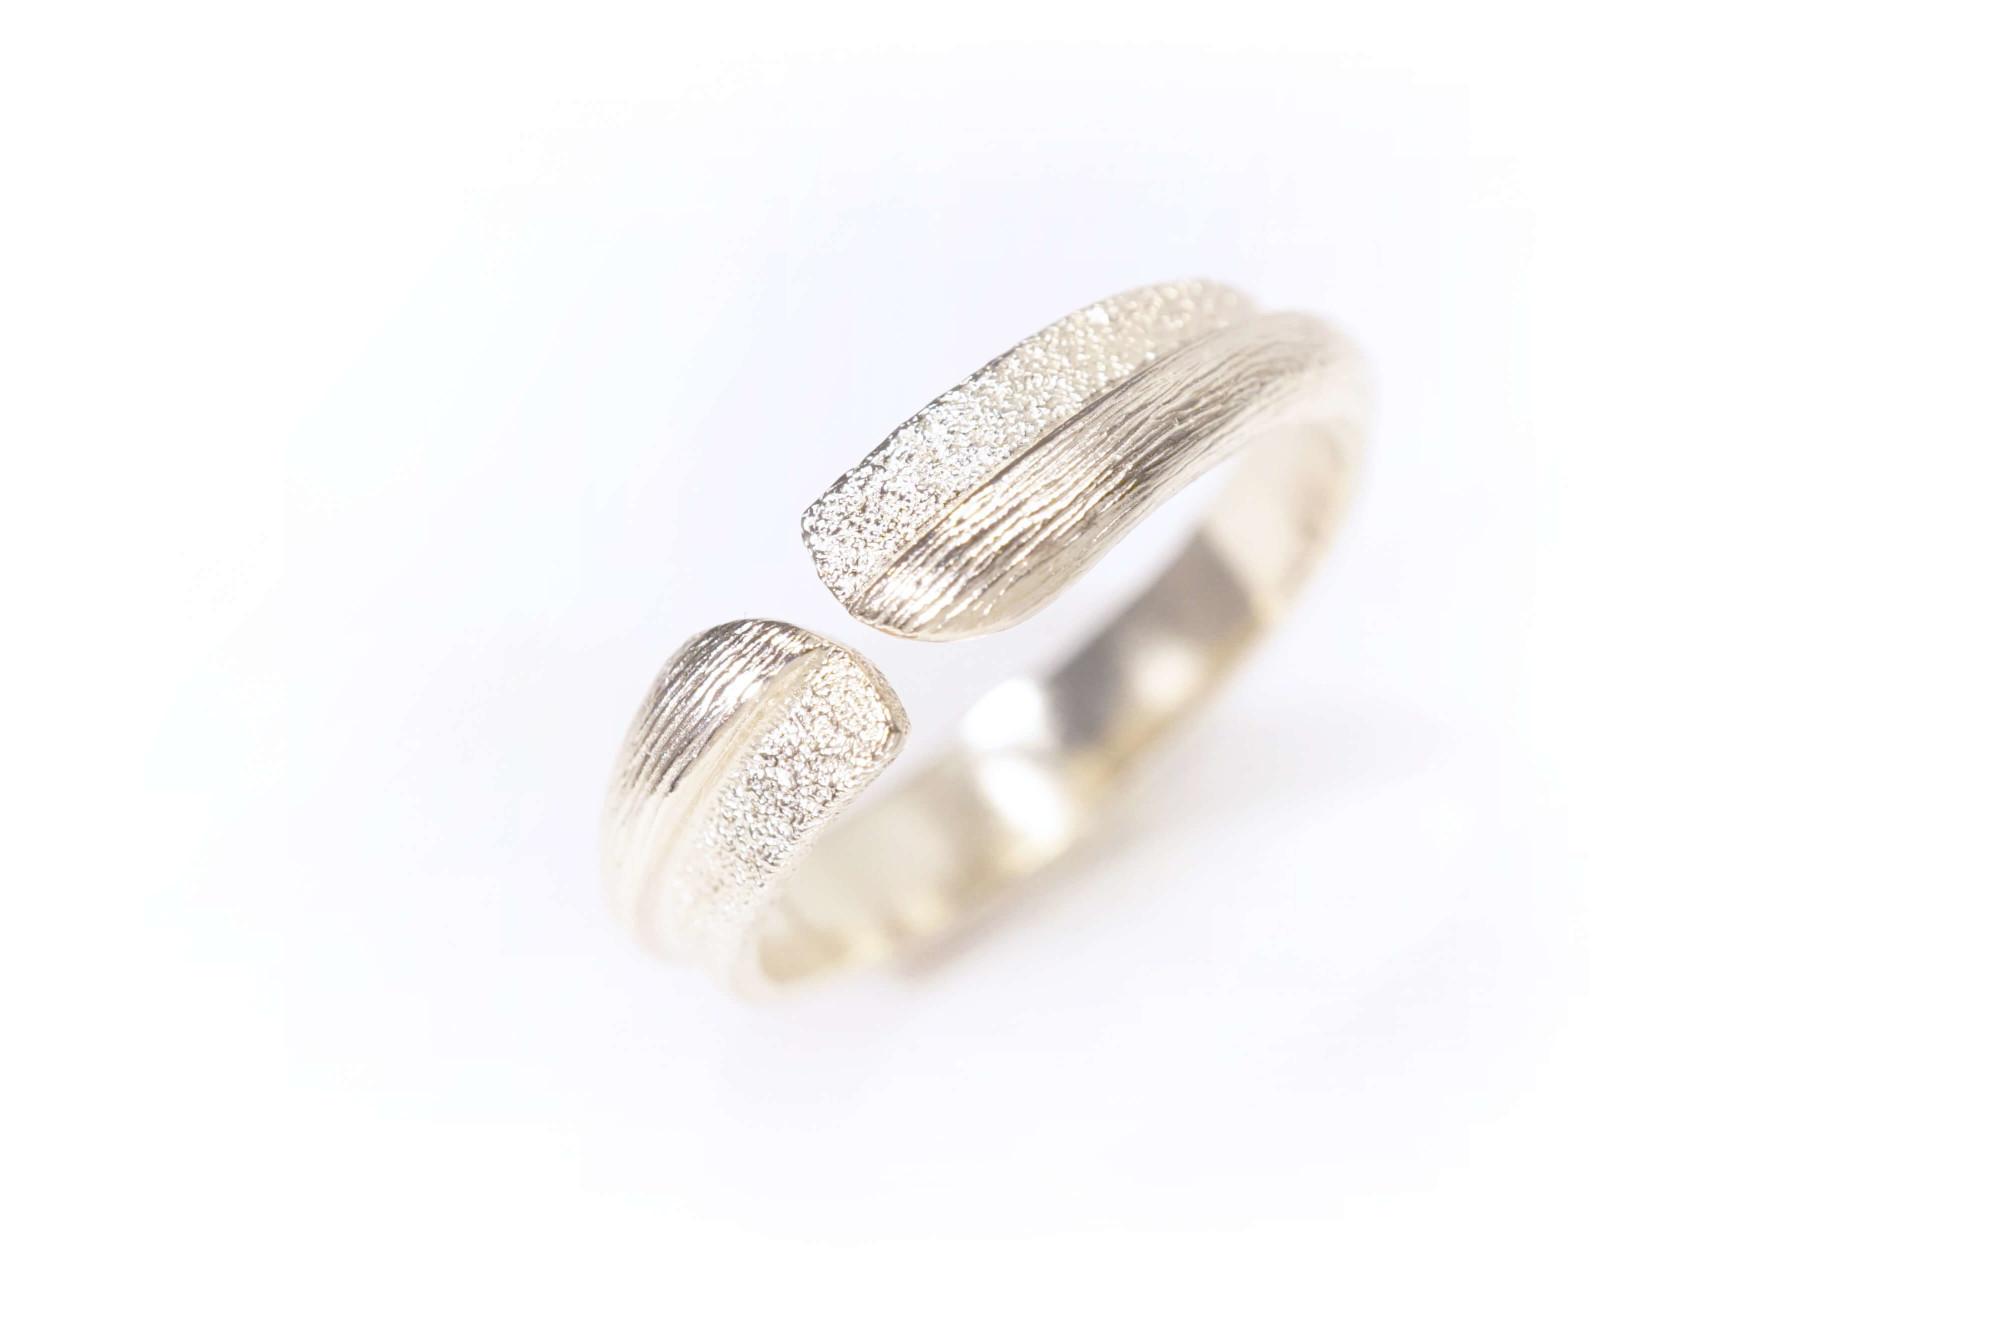 chia jewelry婚戒設計|婚戒品牌|訂製婚戒|訂製對戒|對戒設計|對戒品牌|同志婚戒|同志對戒|婚戒推薦|對戒推薦| 客製化婚戒|客製化對戒